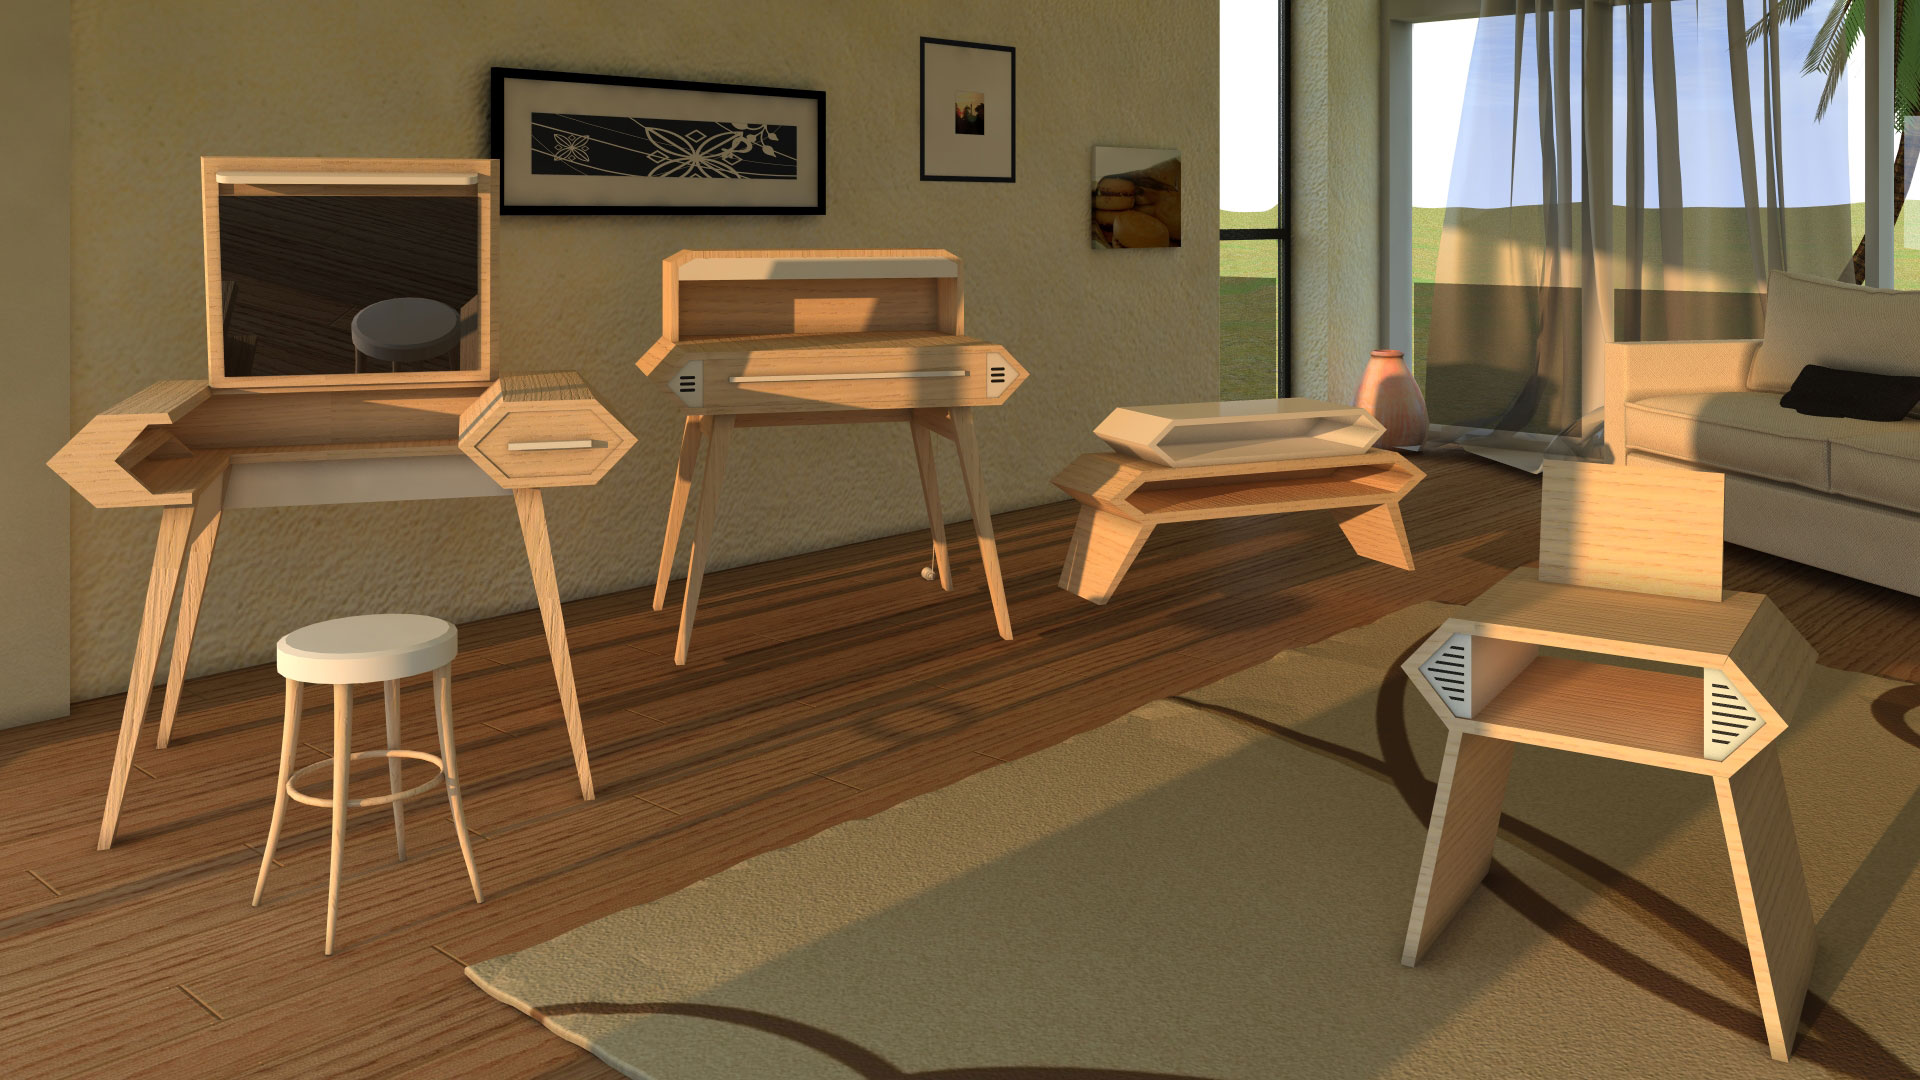 Modelisation 3 D d'une série de meubles d'ébénisterie connectés en style contemporain